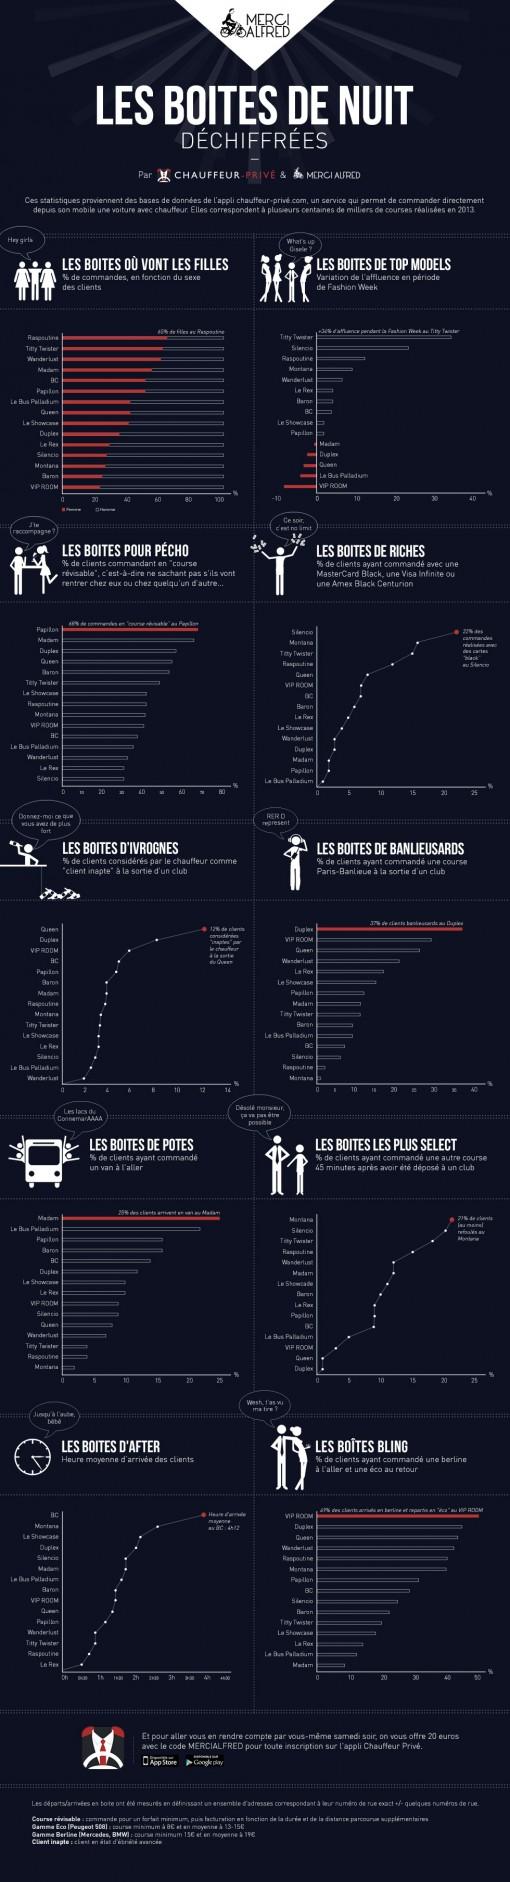 Boites de nuit parisiennes - Infographie